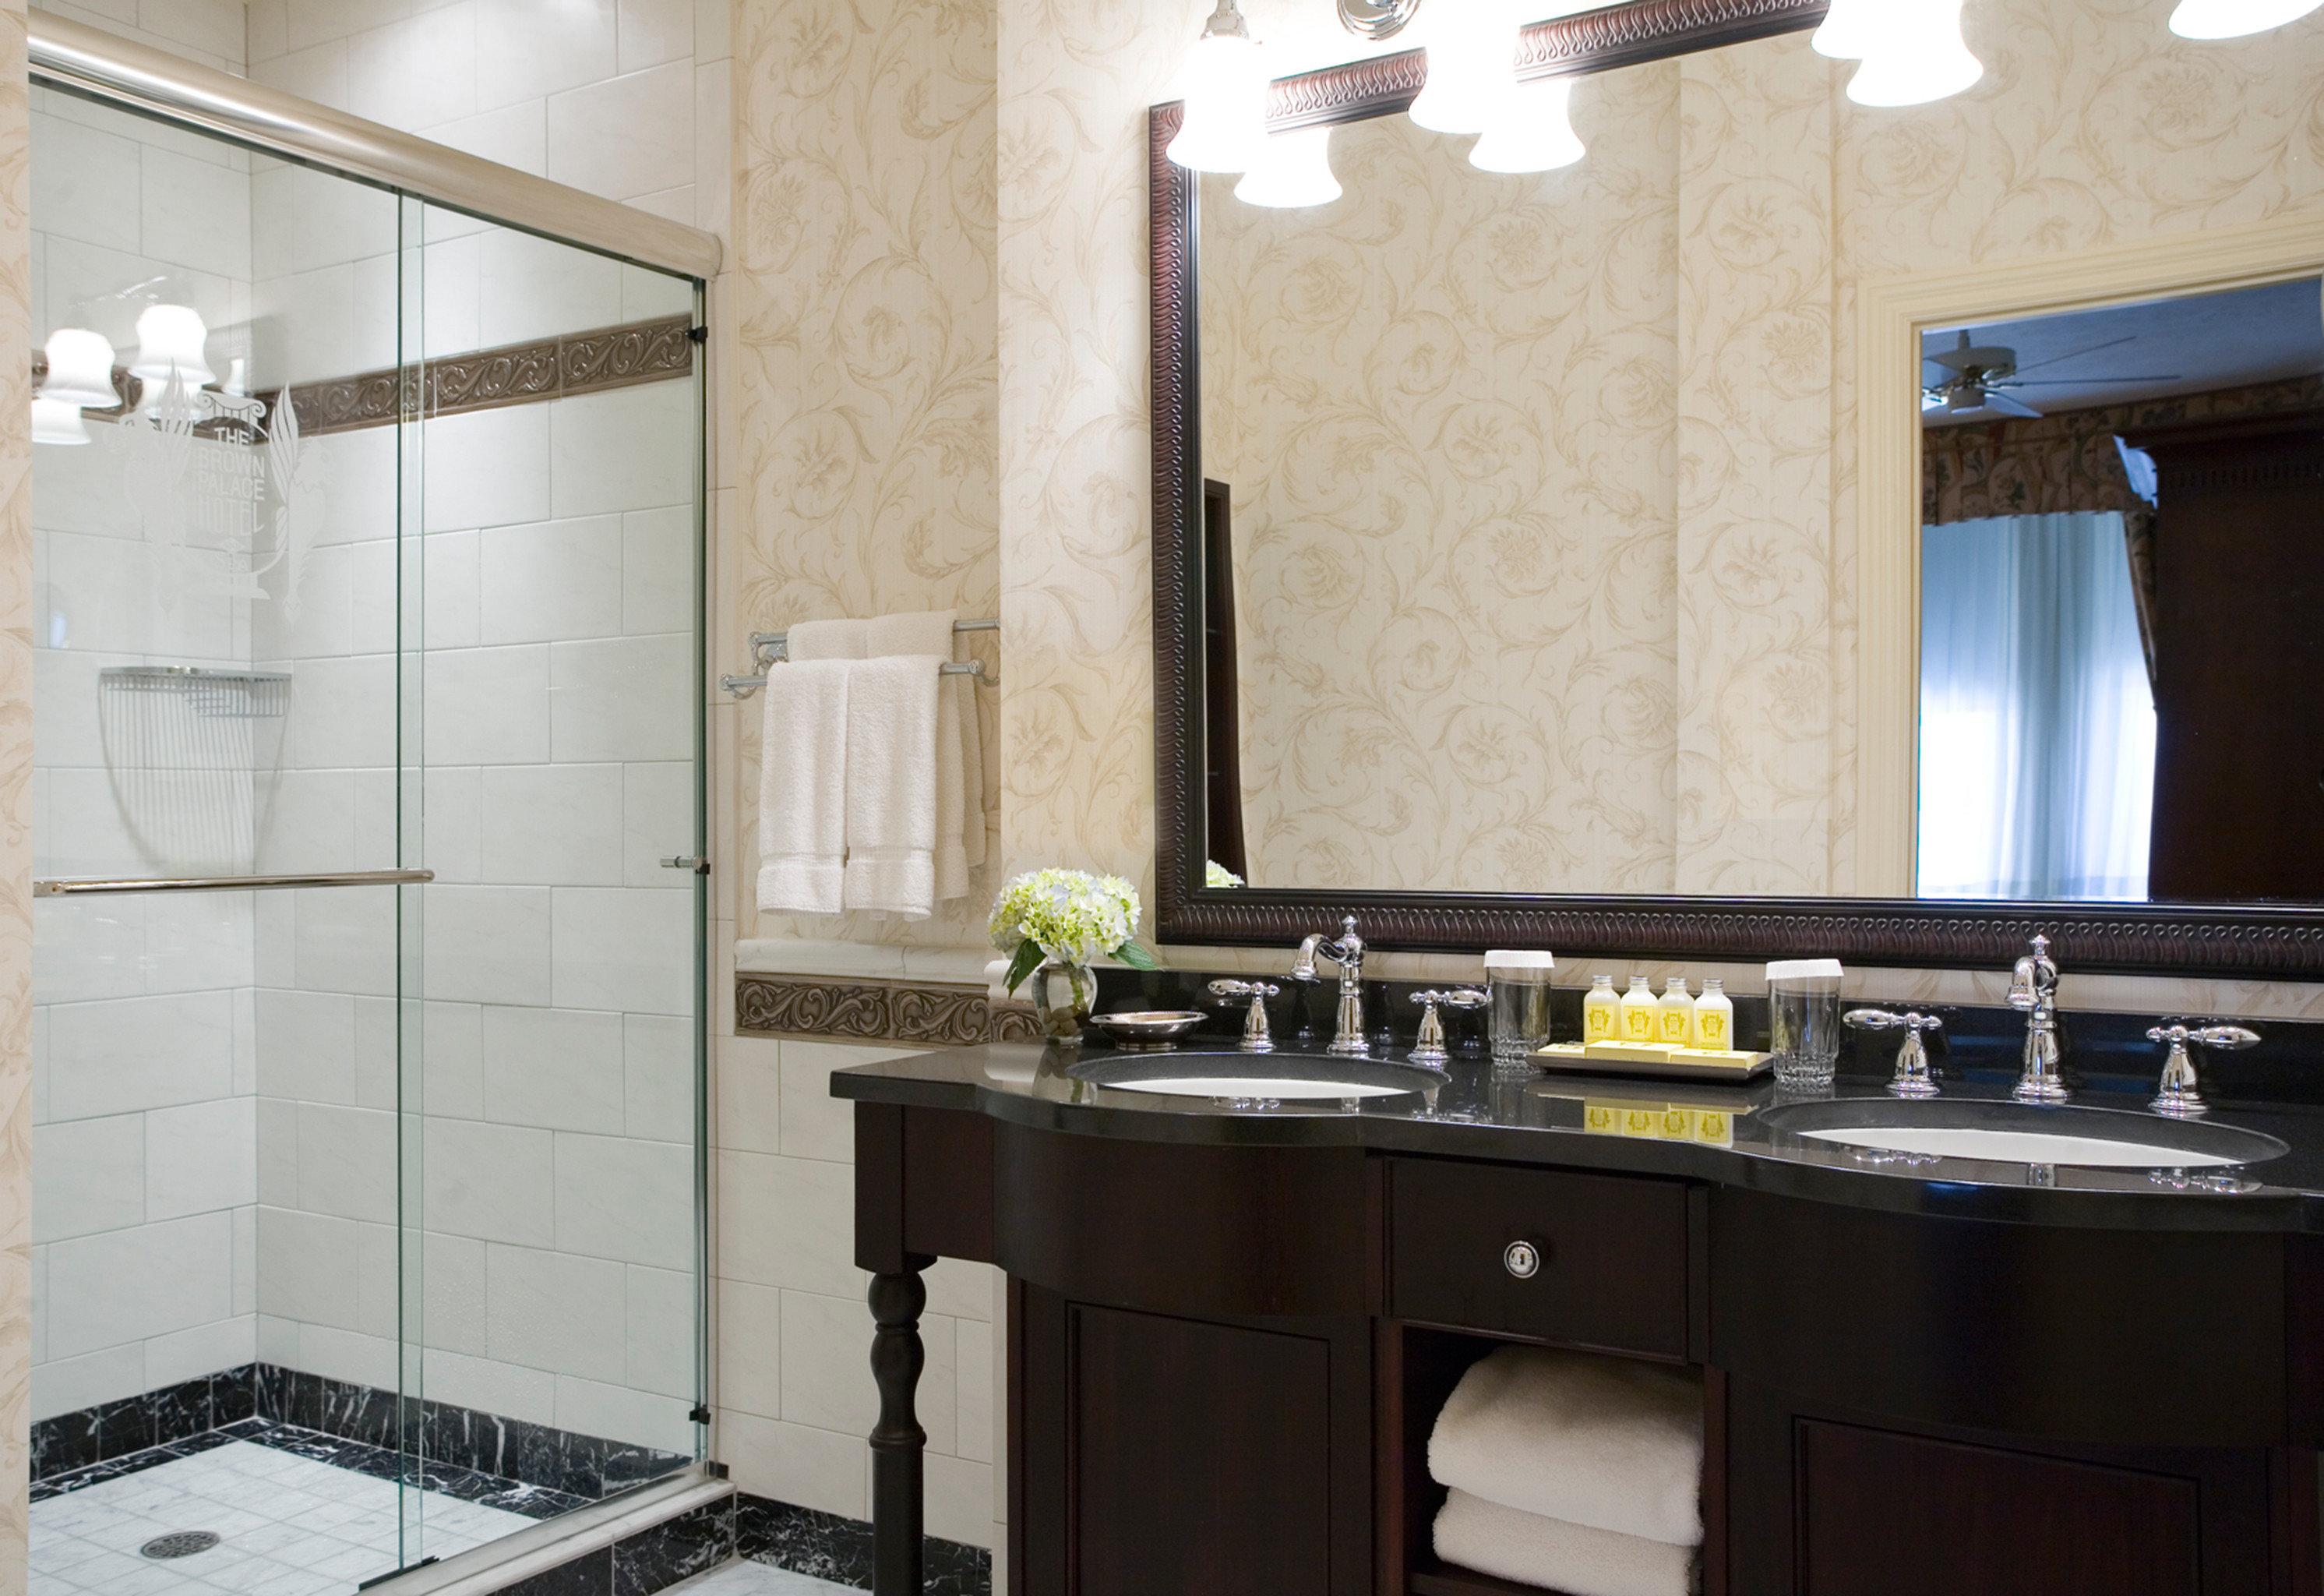 bathroom property Kitchen sink countertop cabinetry home cuisine classique cottage tile tub bathtub Bath tiled